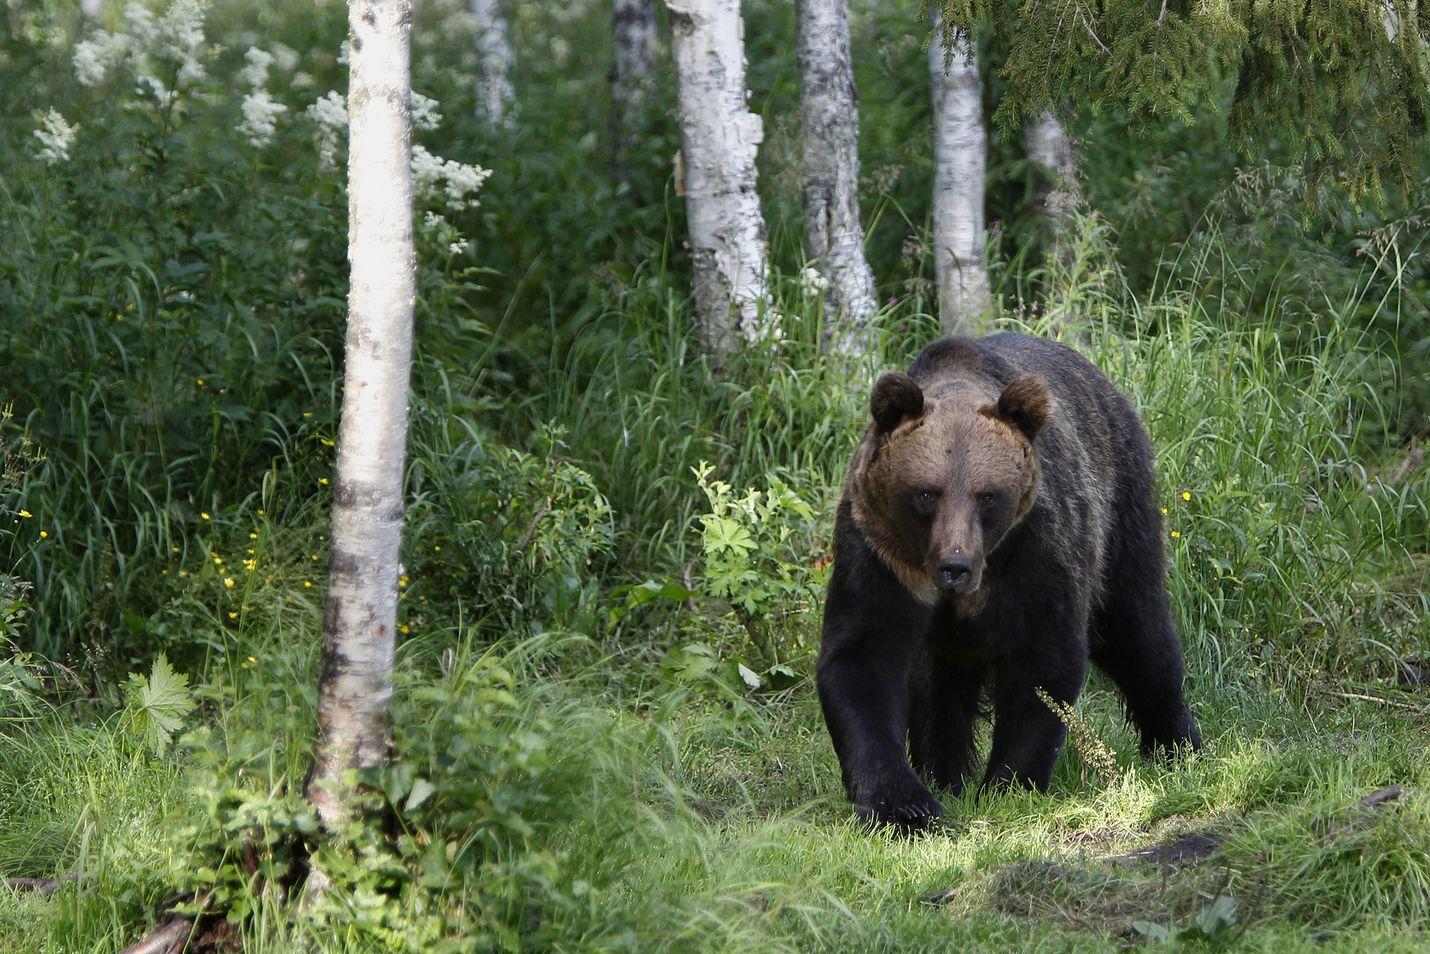 Suomessa arvioidaan olevan 2670–2800 karhua, mikä noin 12 prosenttia enemmän kuin viime vuonna. Kanta on vahvistunut selvimmin Itä-Suomessa, kertoo maa- ja metsätalousministeriö.